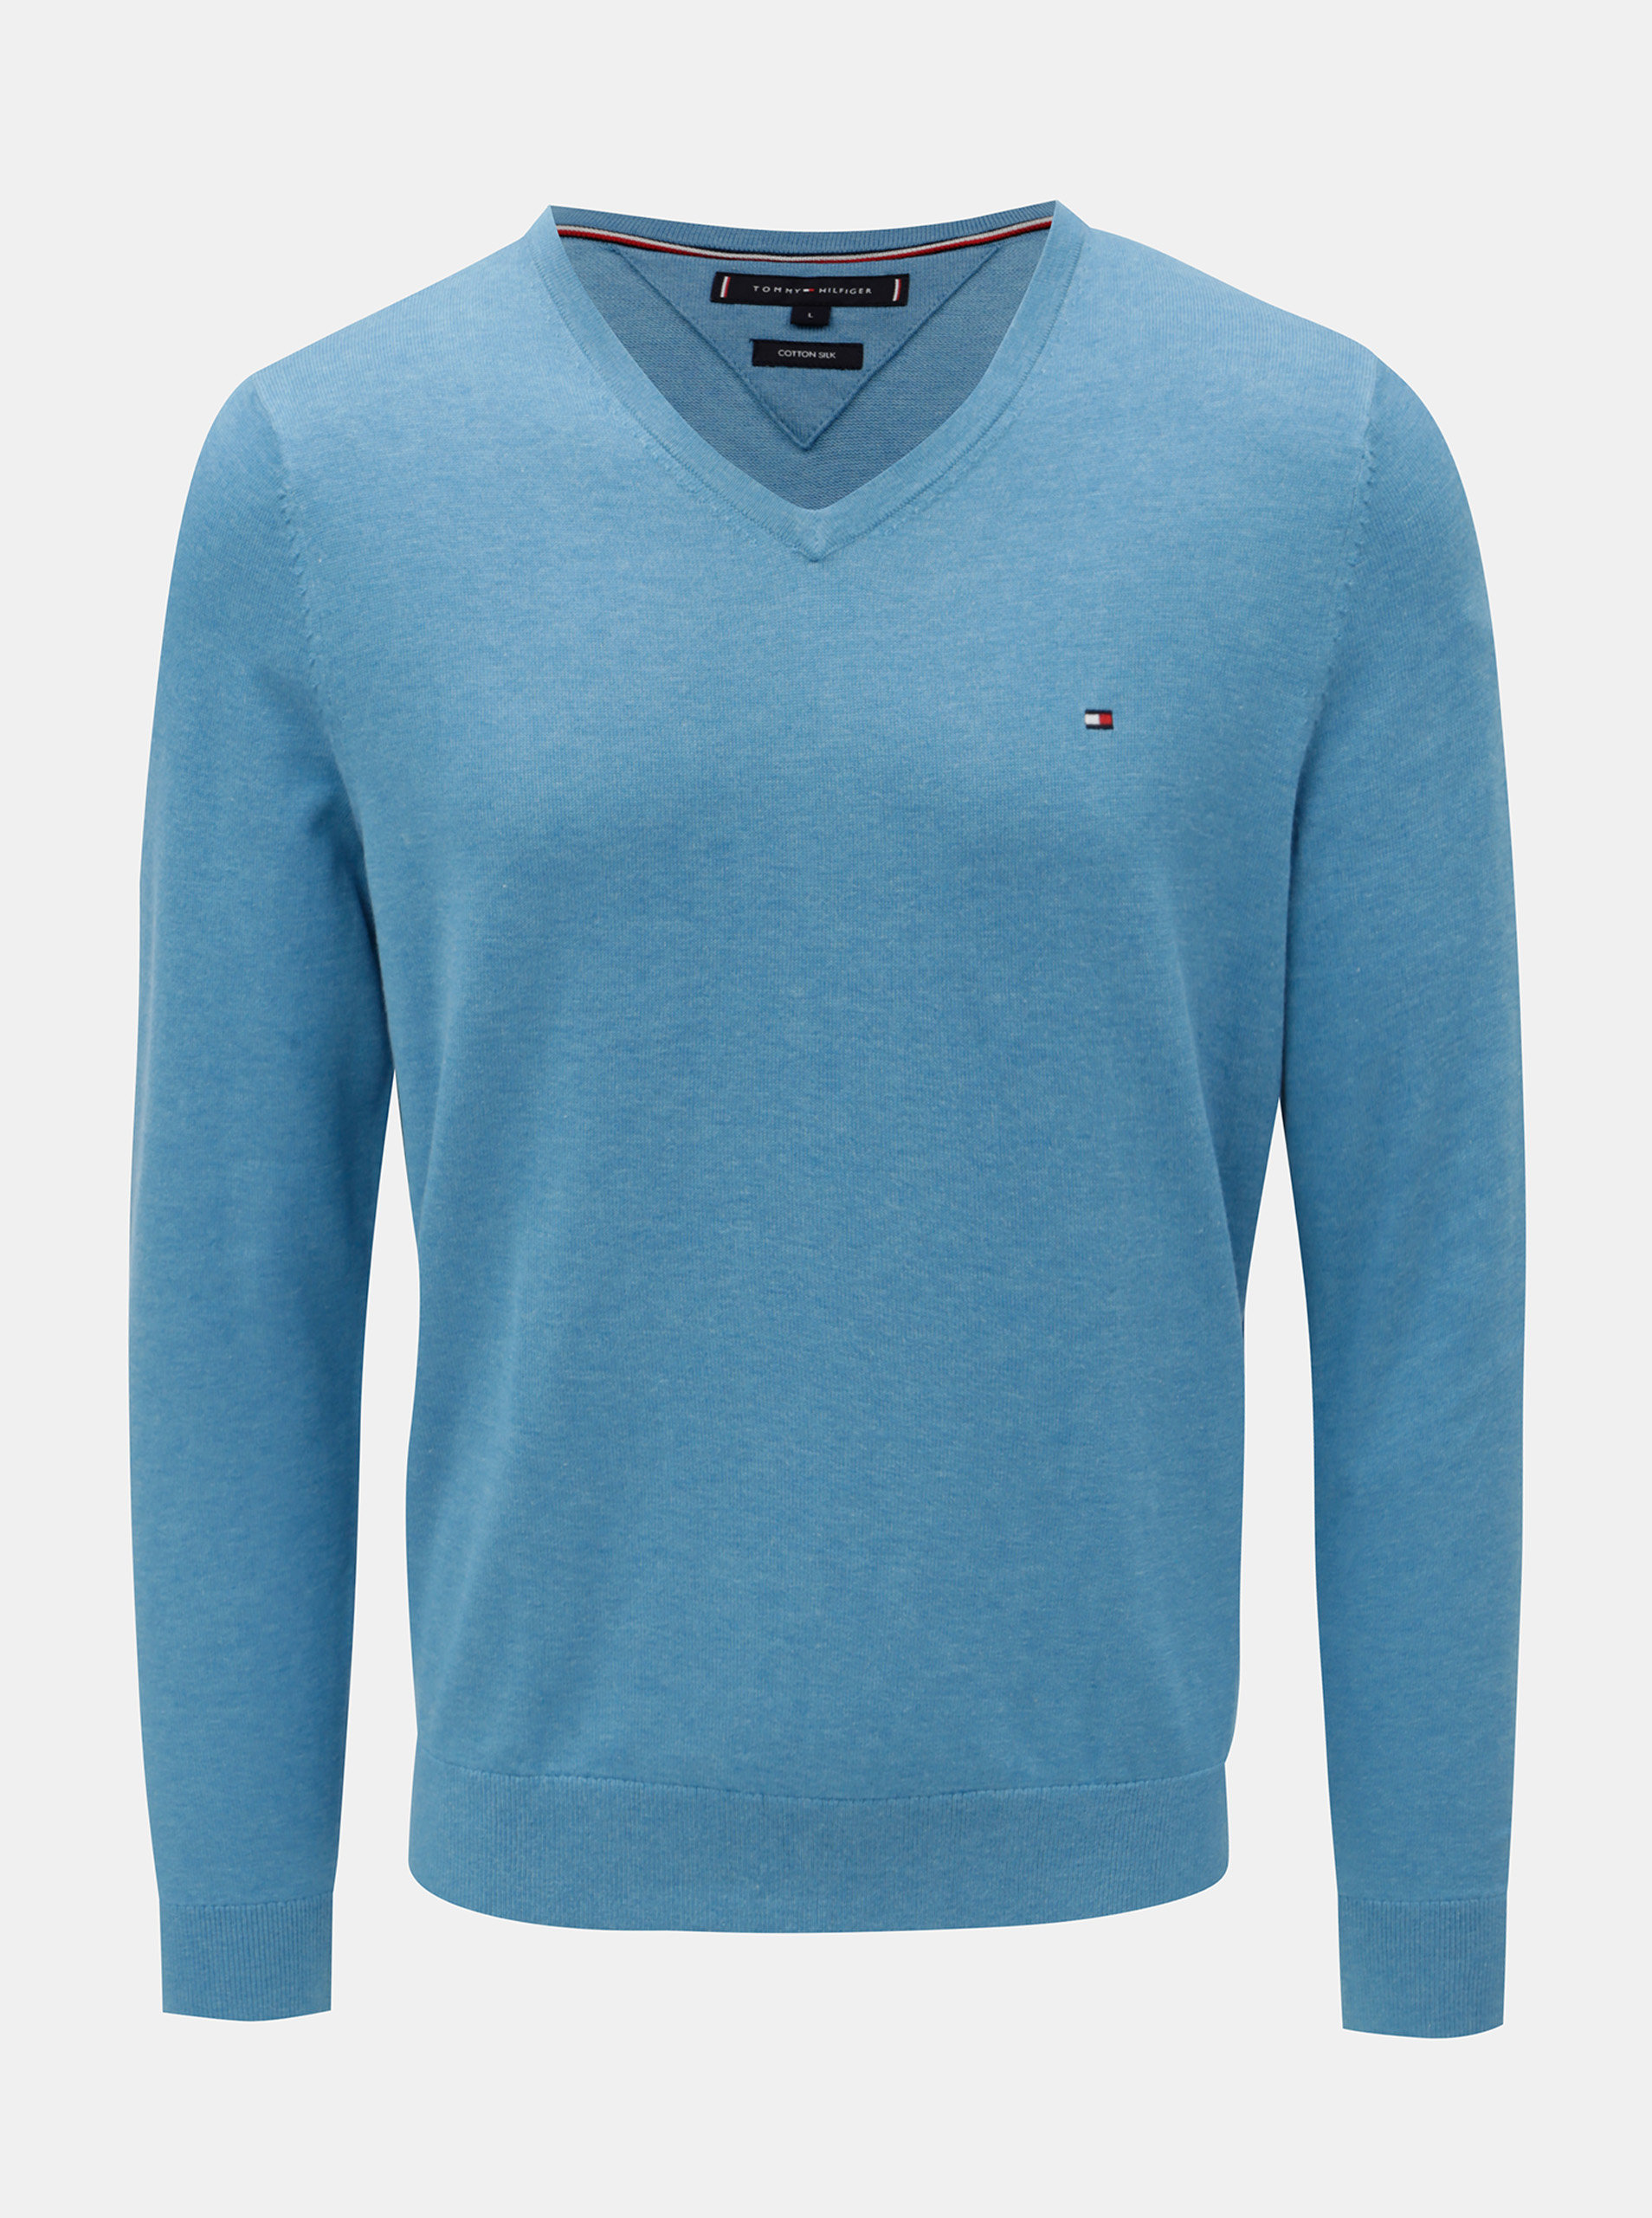 ca518e5094d Modrý pánský žíhaný svetr s příměsí hedvábí Tommy Hilfiger Silk ...